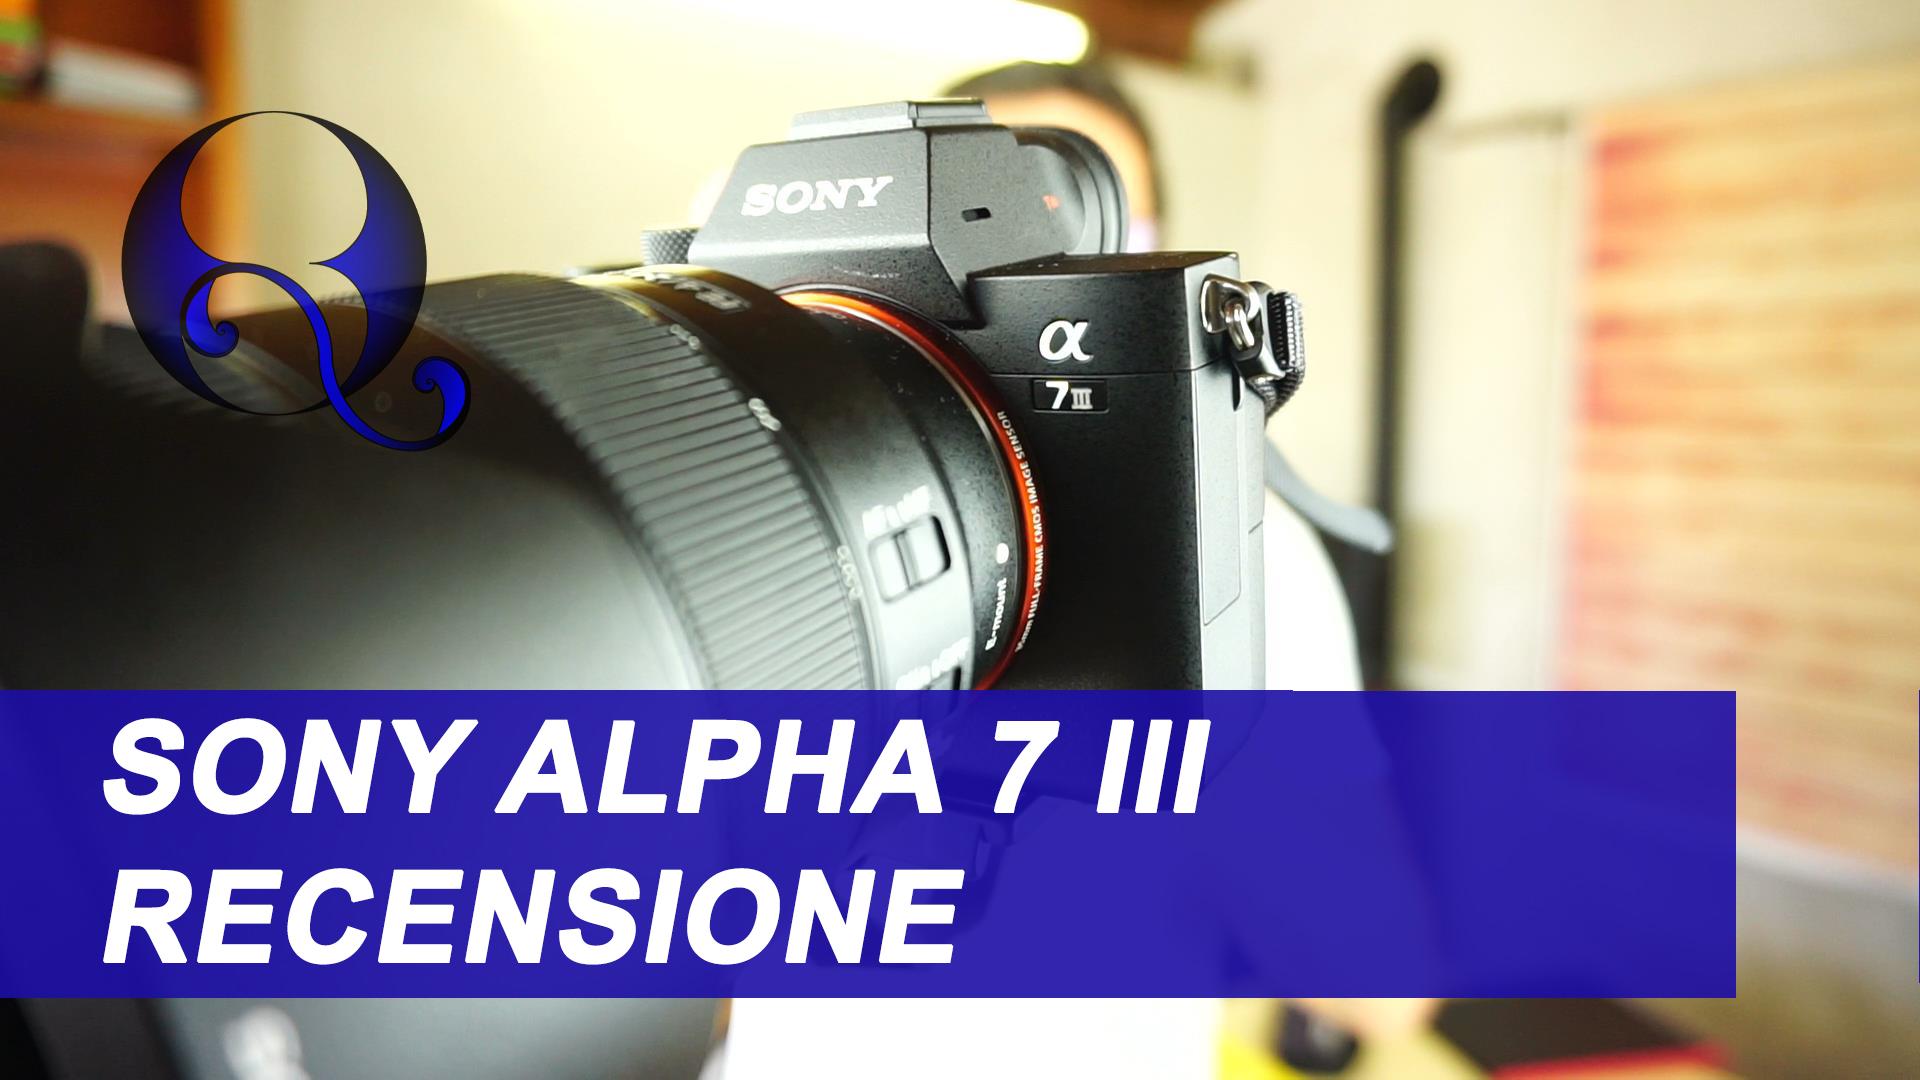 Sony Alpha 7 iii recensione: le caratteristiche della fotocamera mirrorless full frame